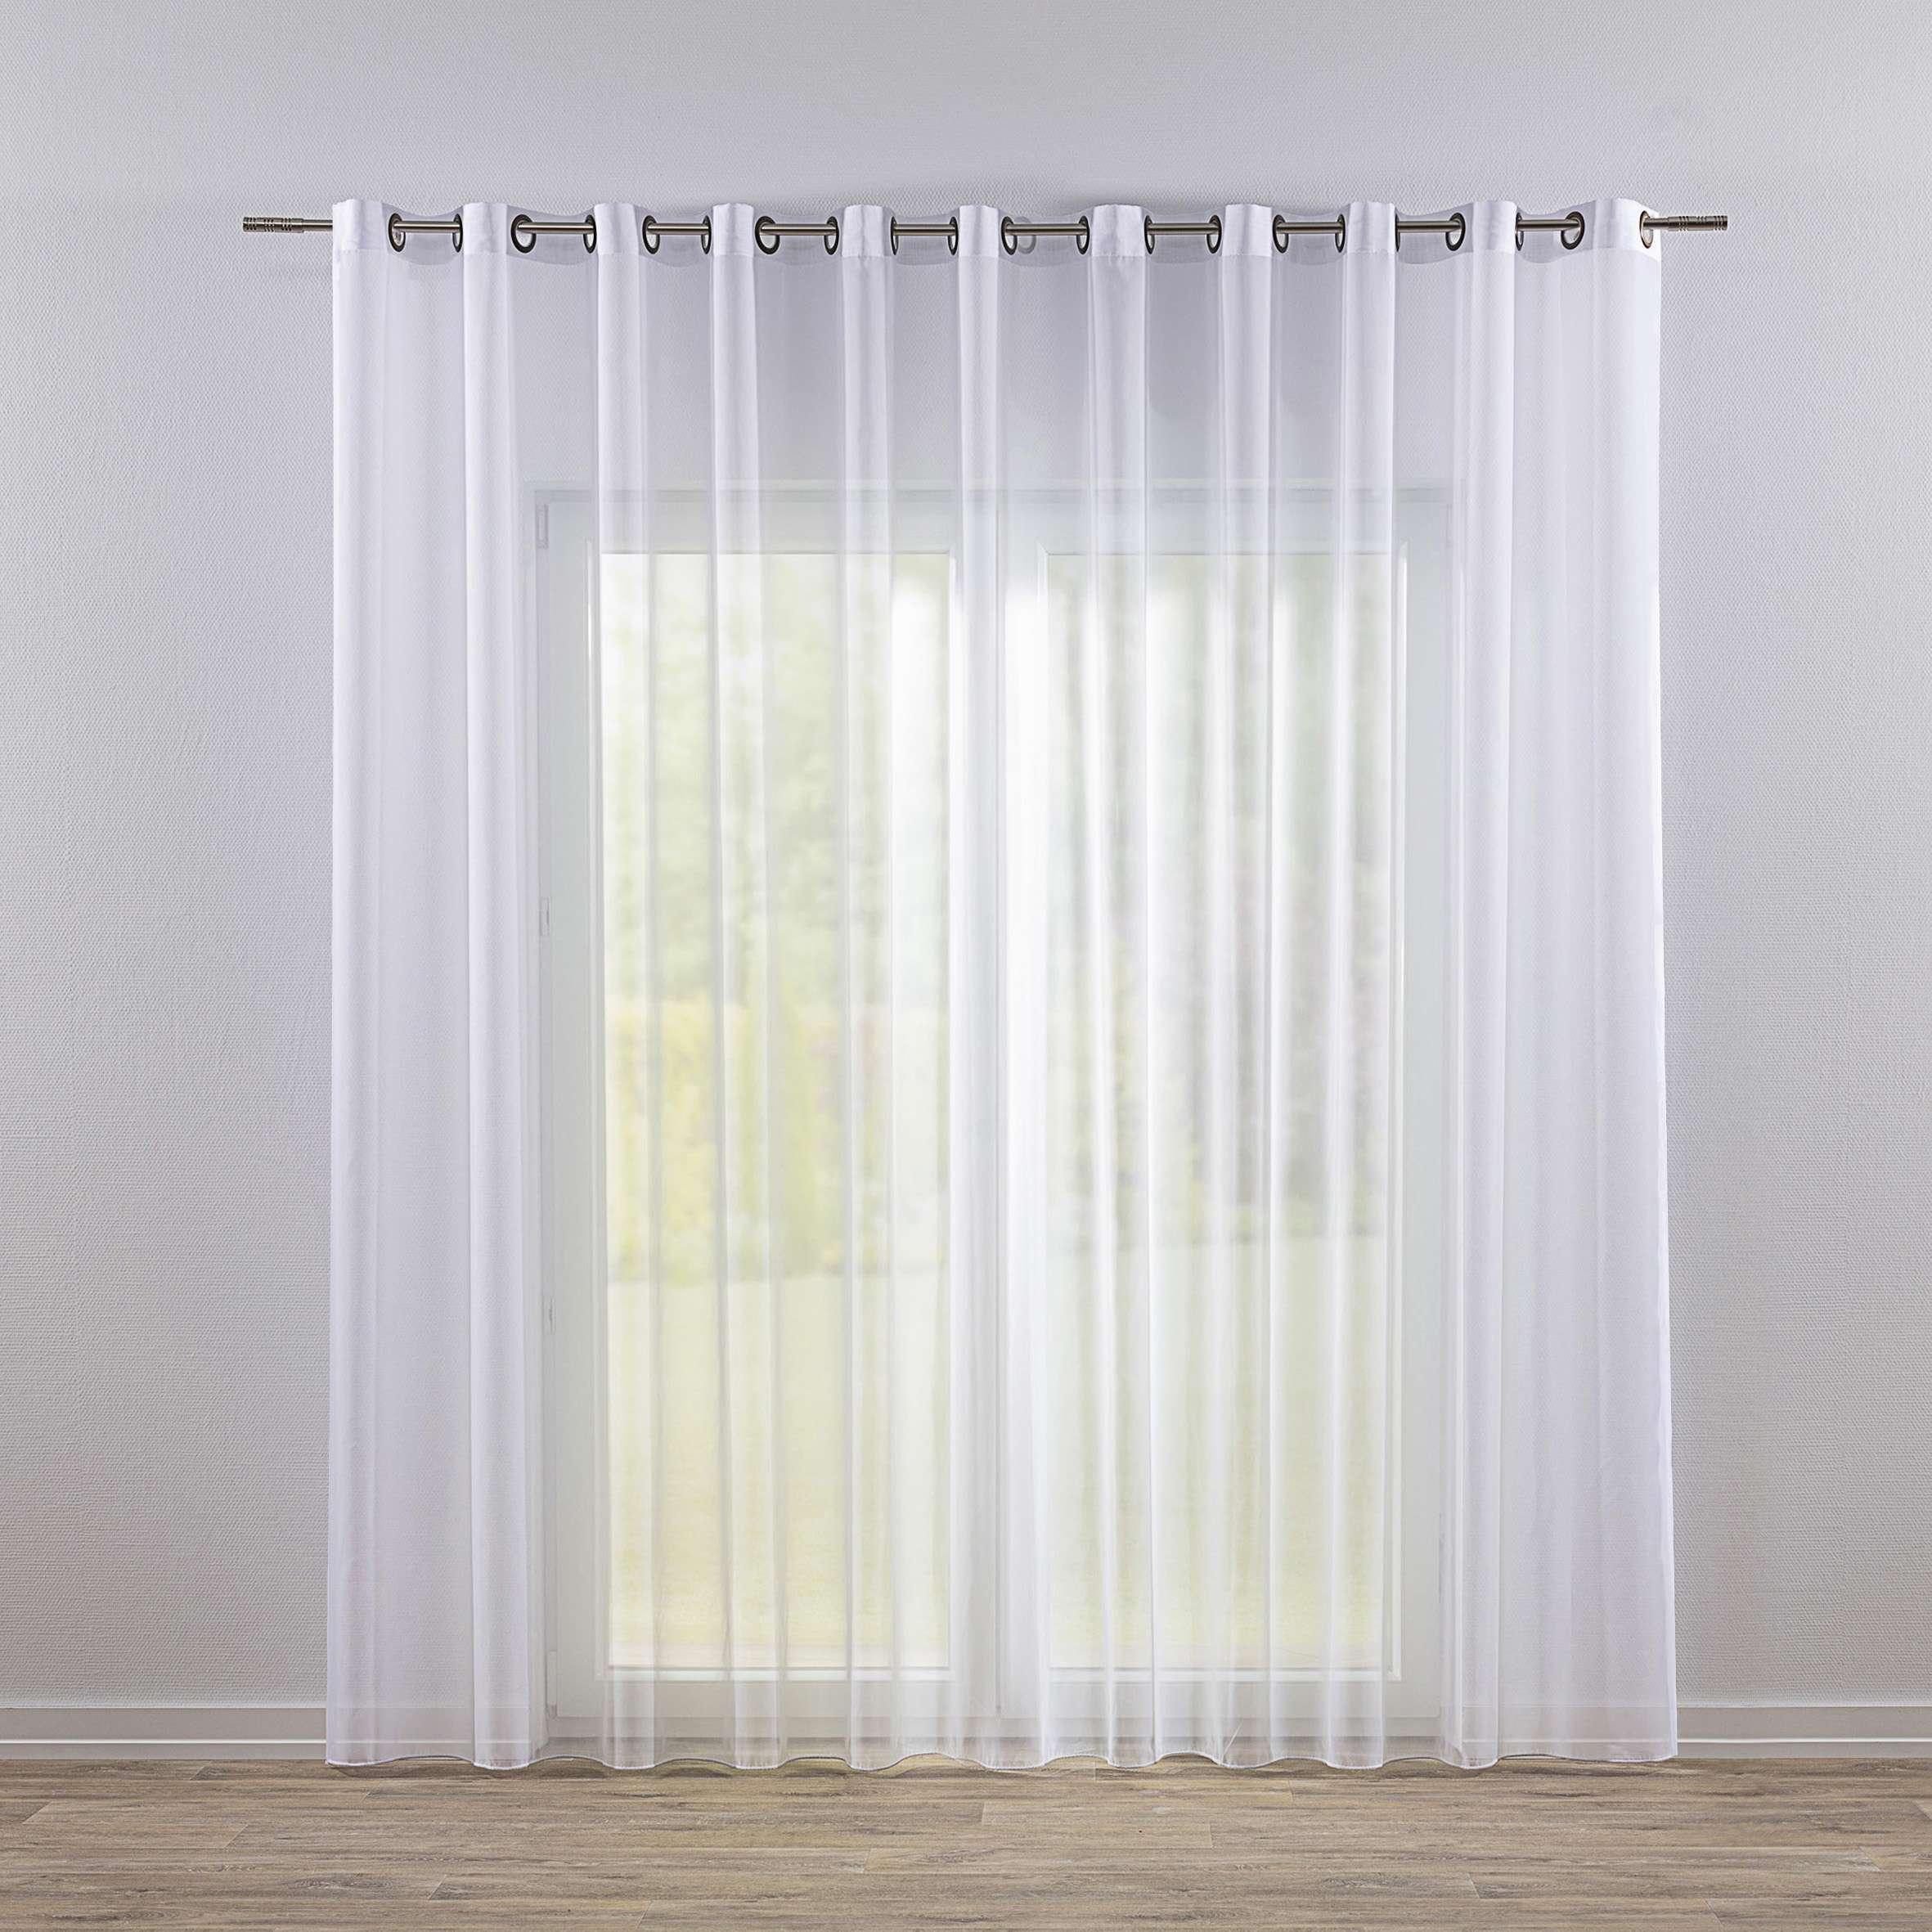 Záclona voálová jednoduchá na kroužcích na míru v kolekci Voile - Voál, látka: 901-00